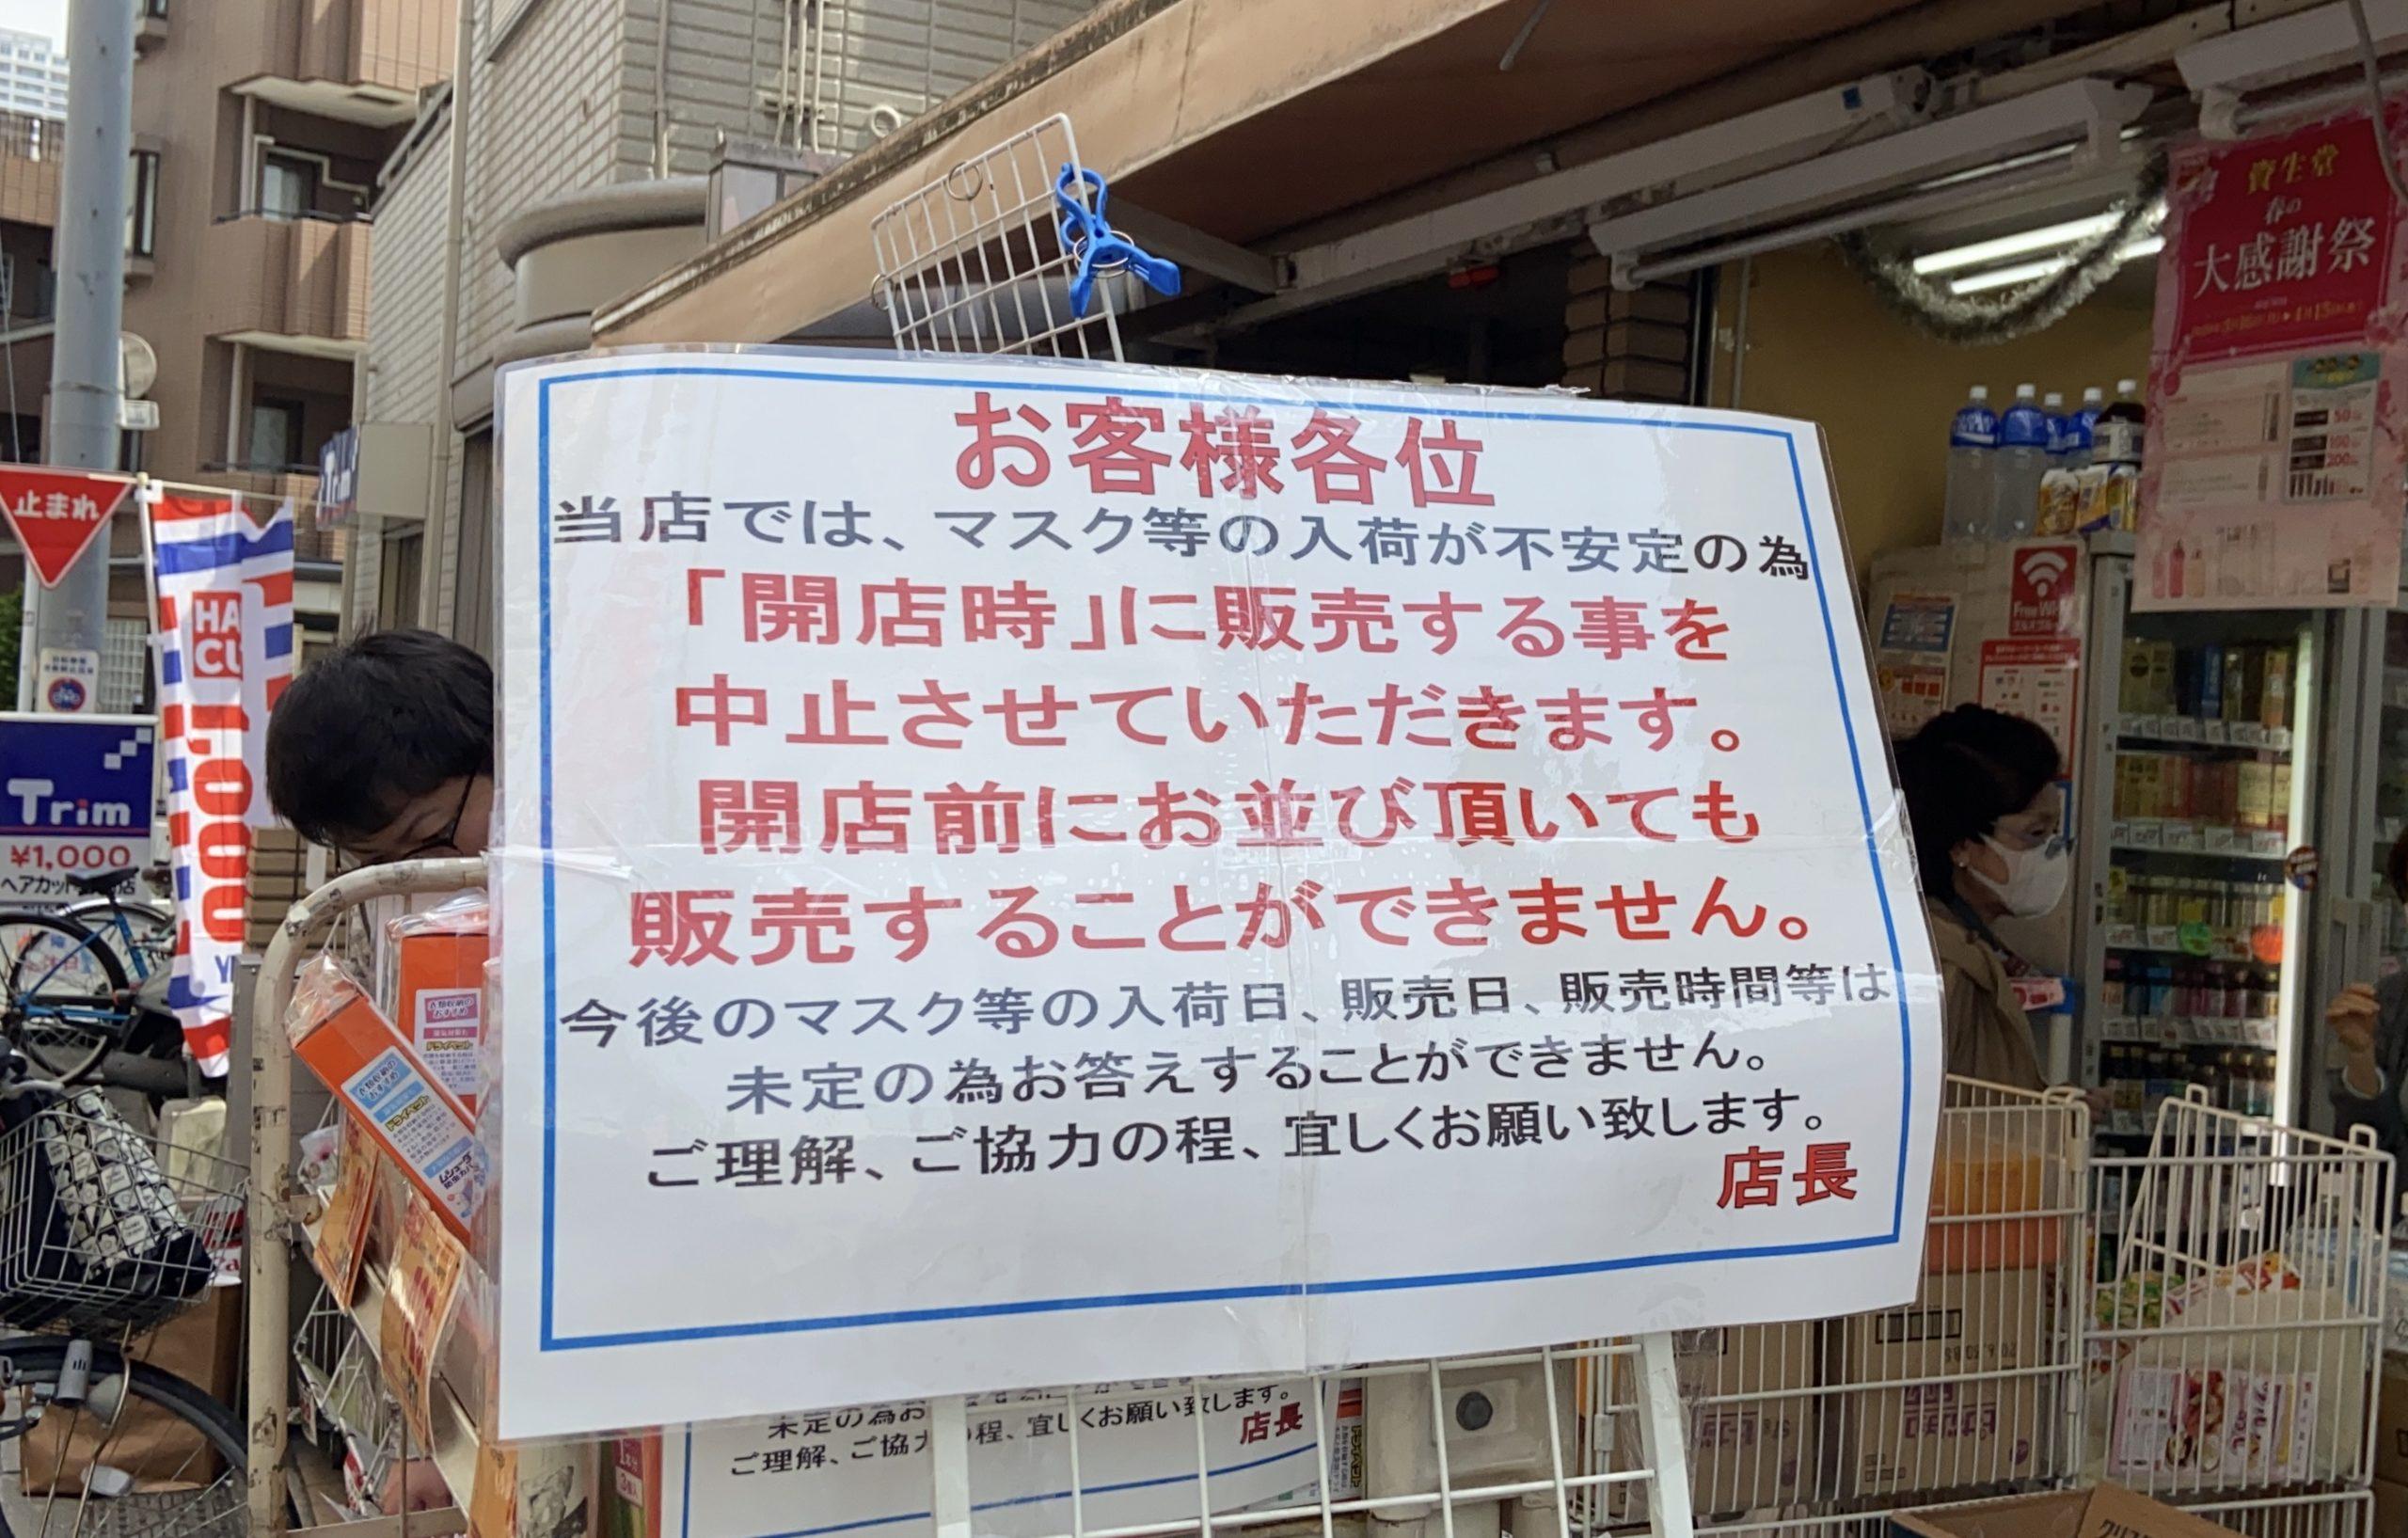 緊急事態宣言(前)街の変化・英語・朝散歩   Furublog